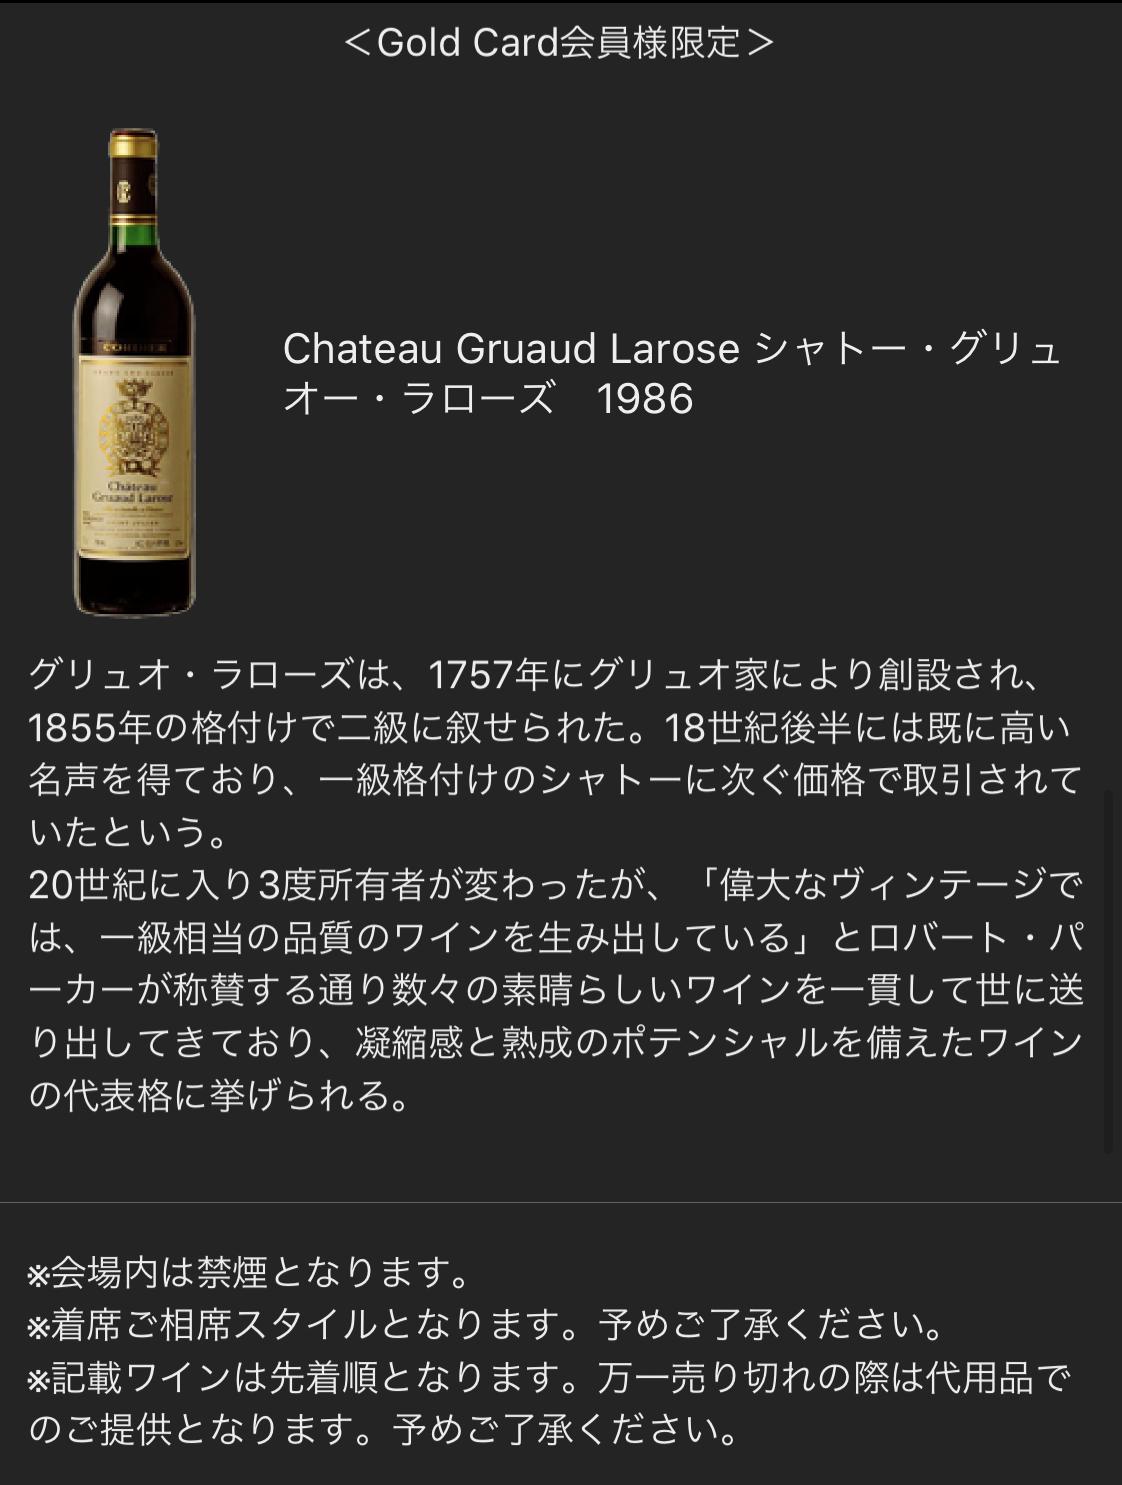 MOTIFのラグジュアリーソーシャルアワー2020年1月(ゴールドカード限定ワイン)